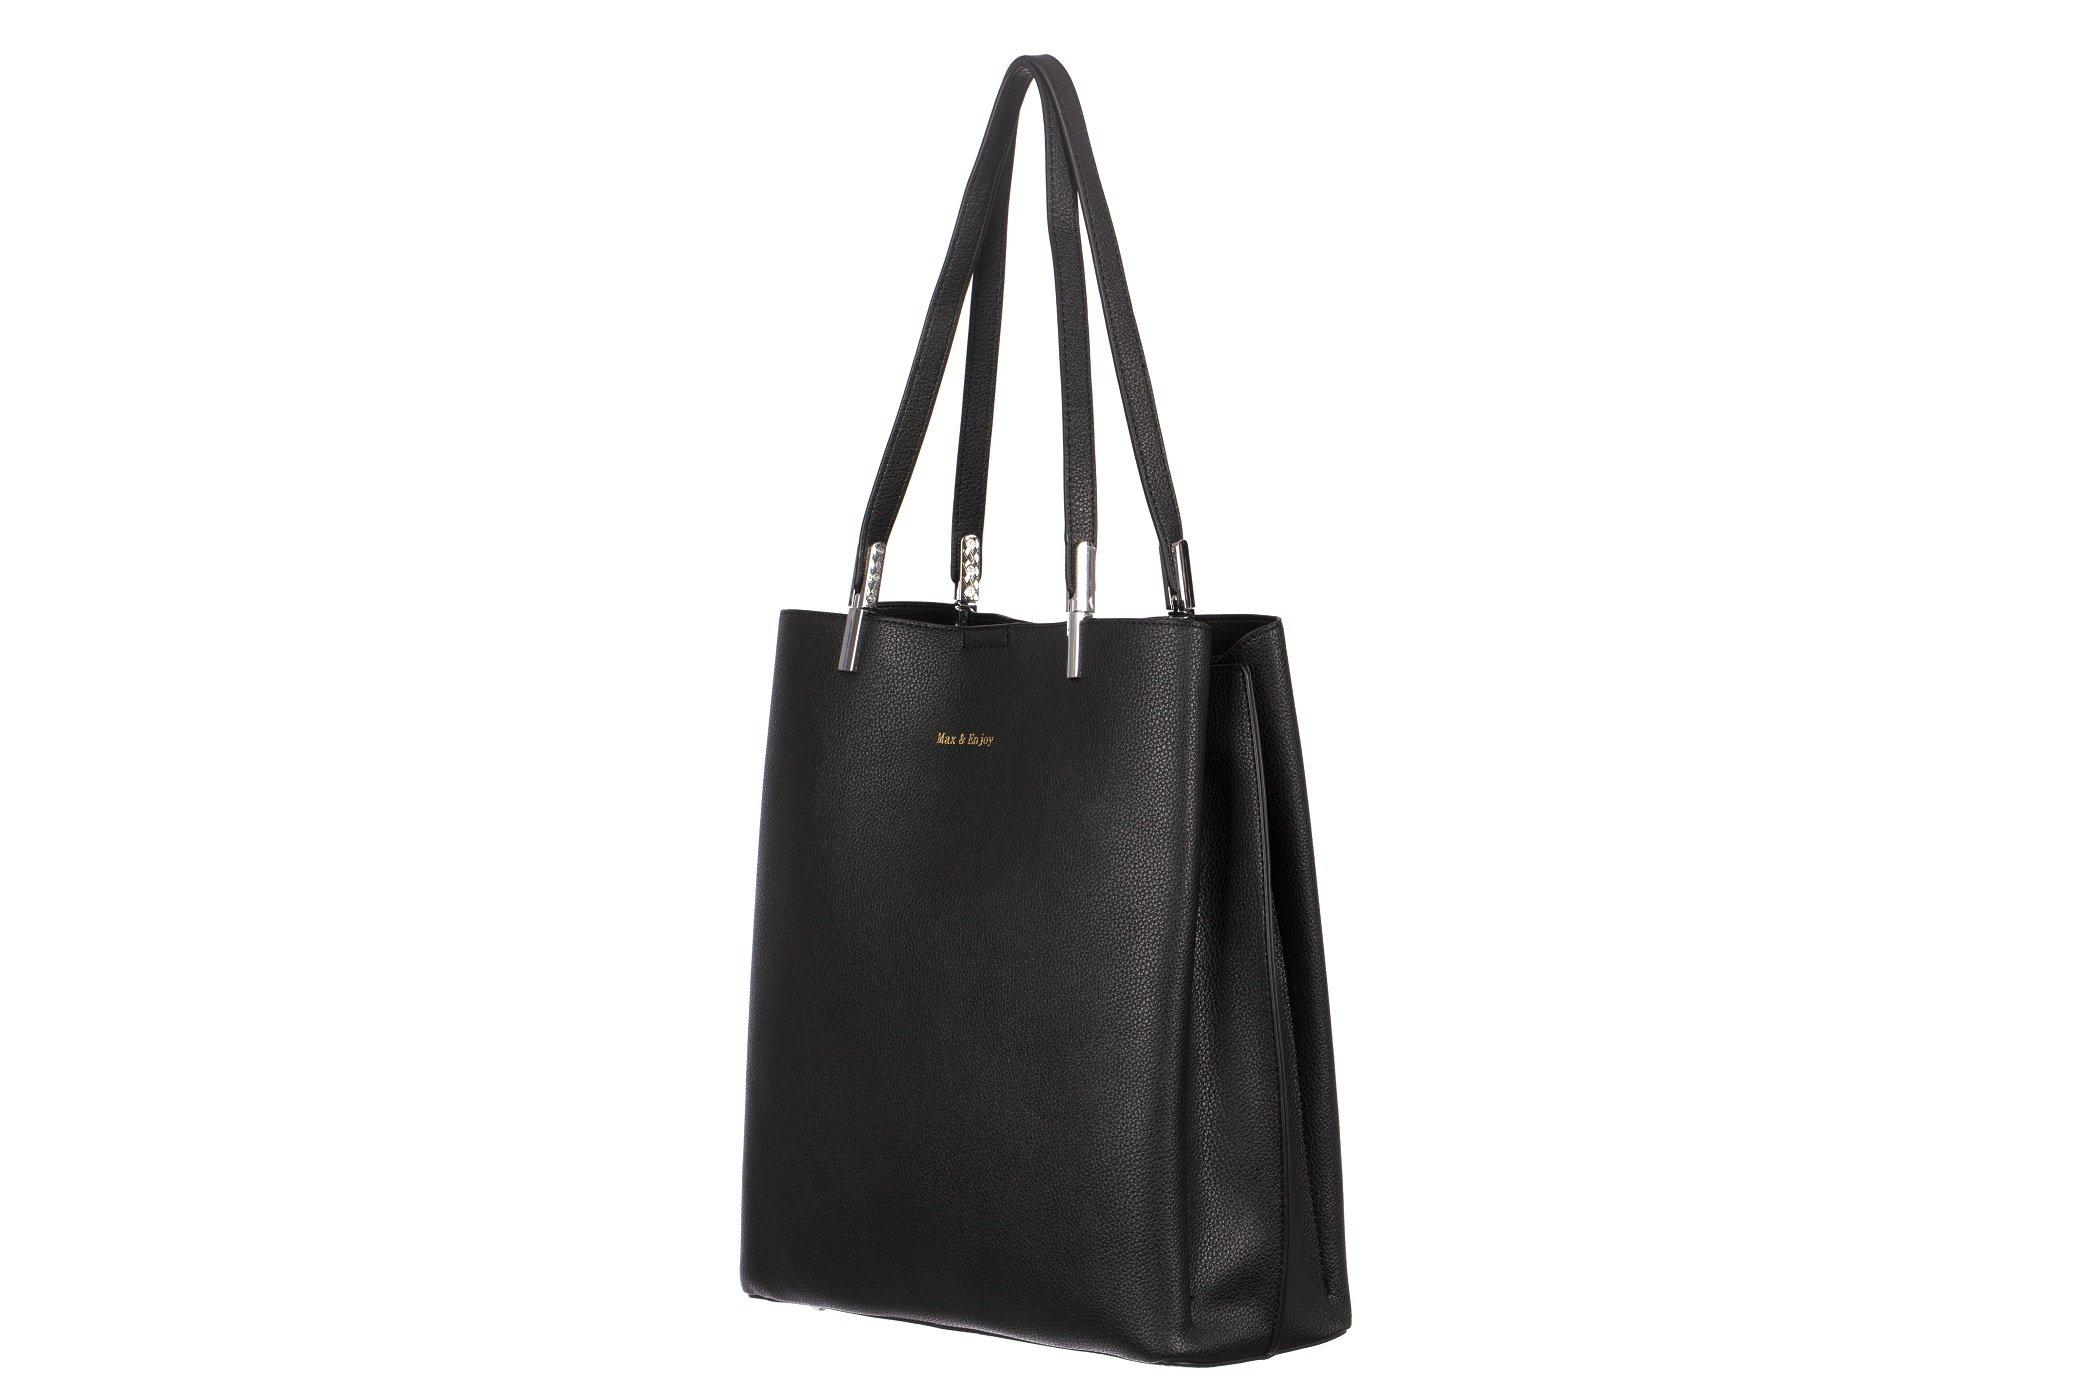 1a58a26f4dd24 ... Klasyczna pojemna torebka damska A4 3 komory shopper bag ...